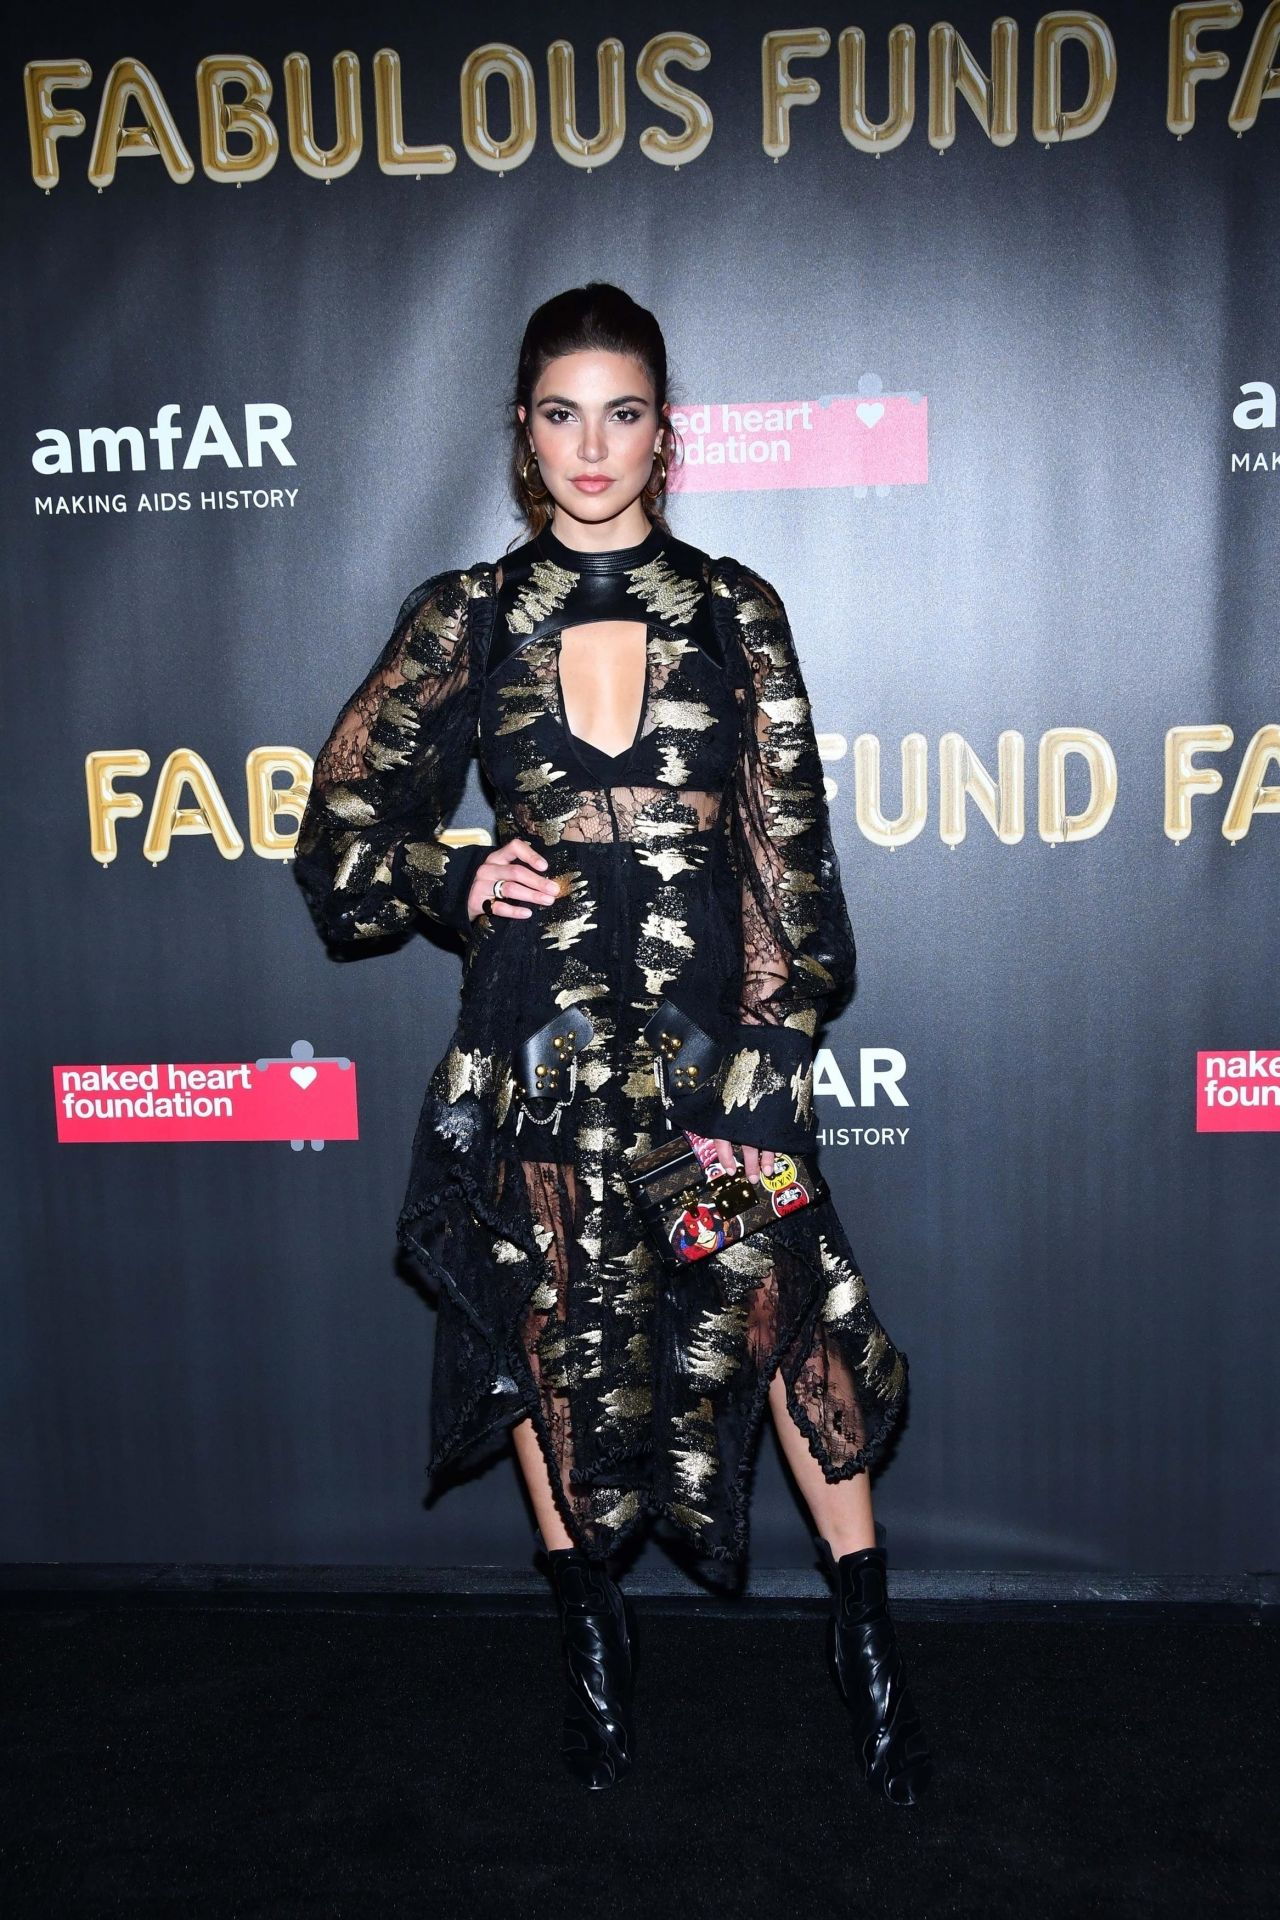 Sofia Resing – 2017 amfAR Fabulous Fund Fair in NYC